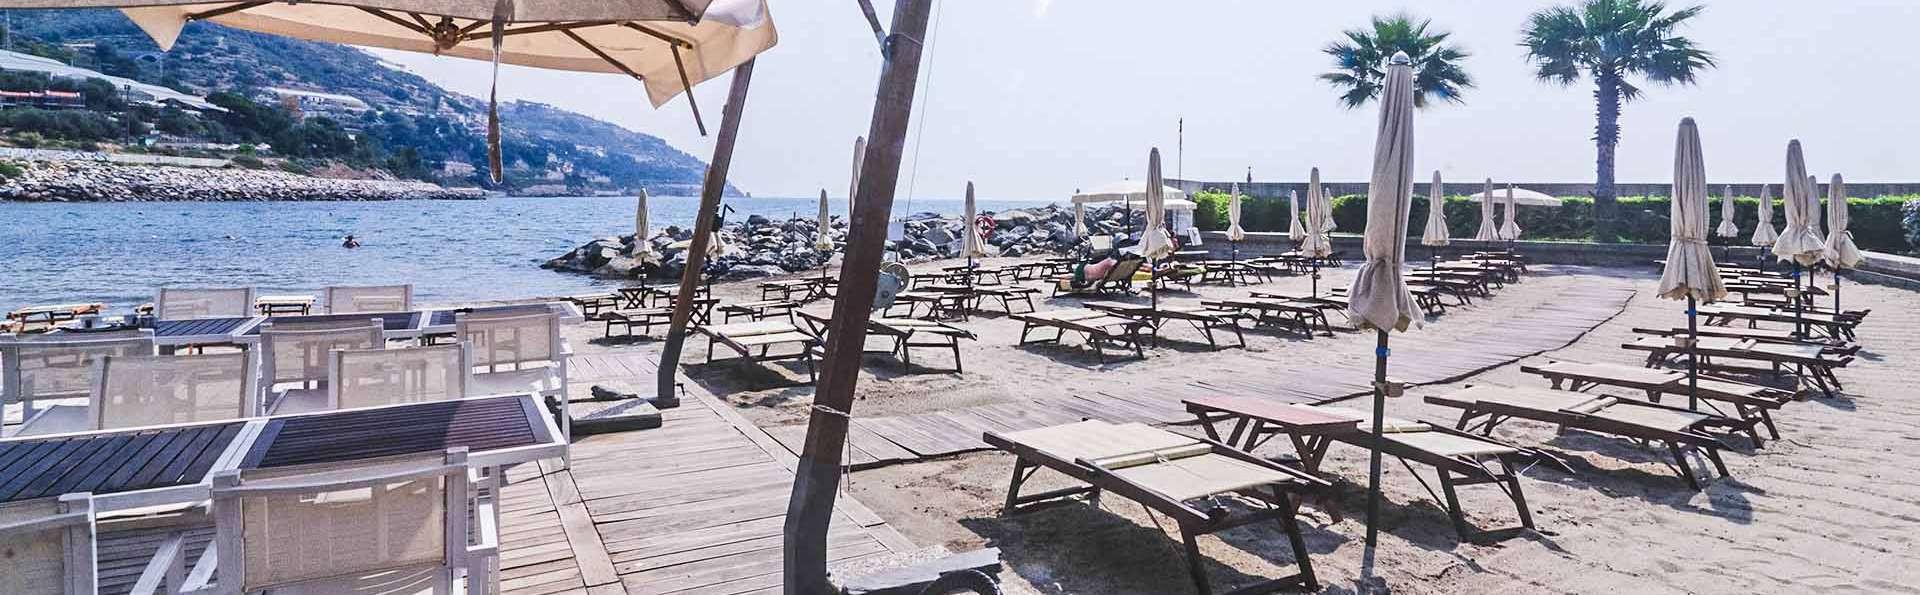 Hotel Riviera dei Fiori - EDIT_Spiaggia_01.jpg